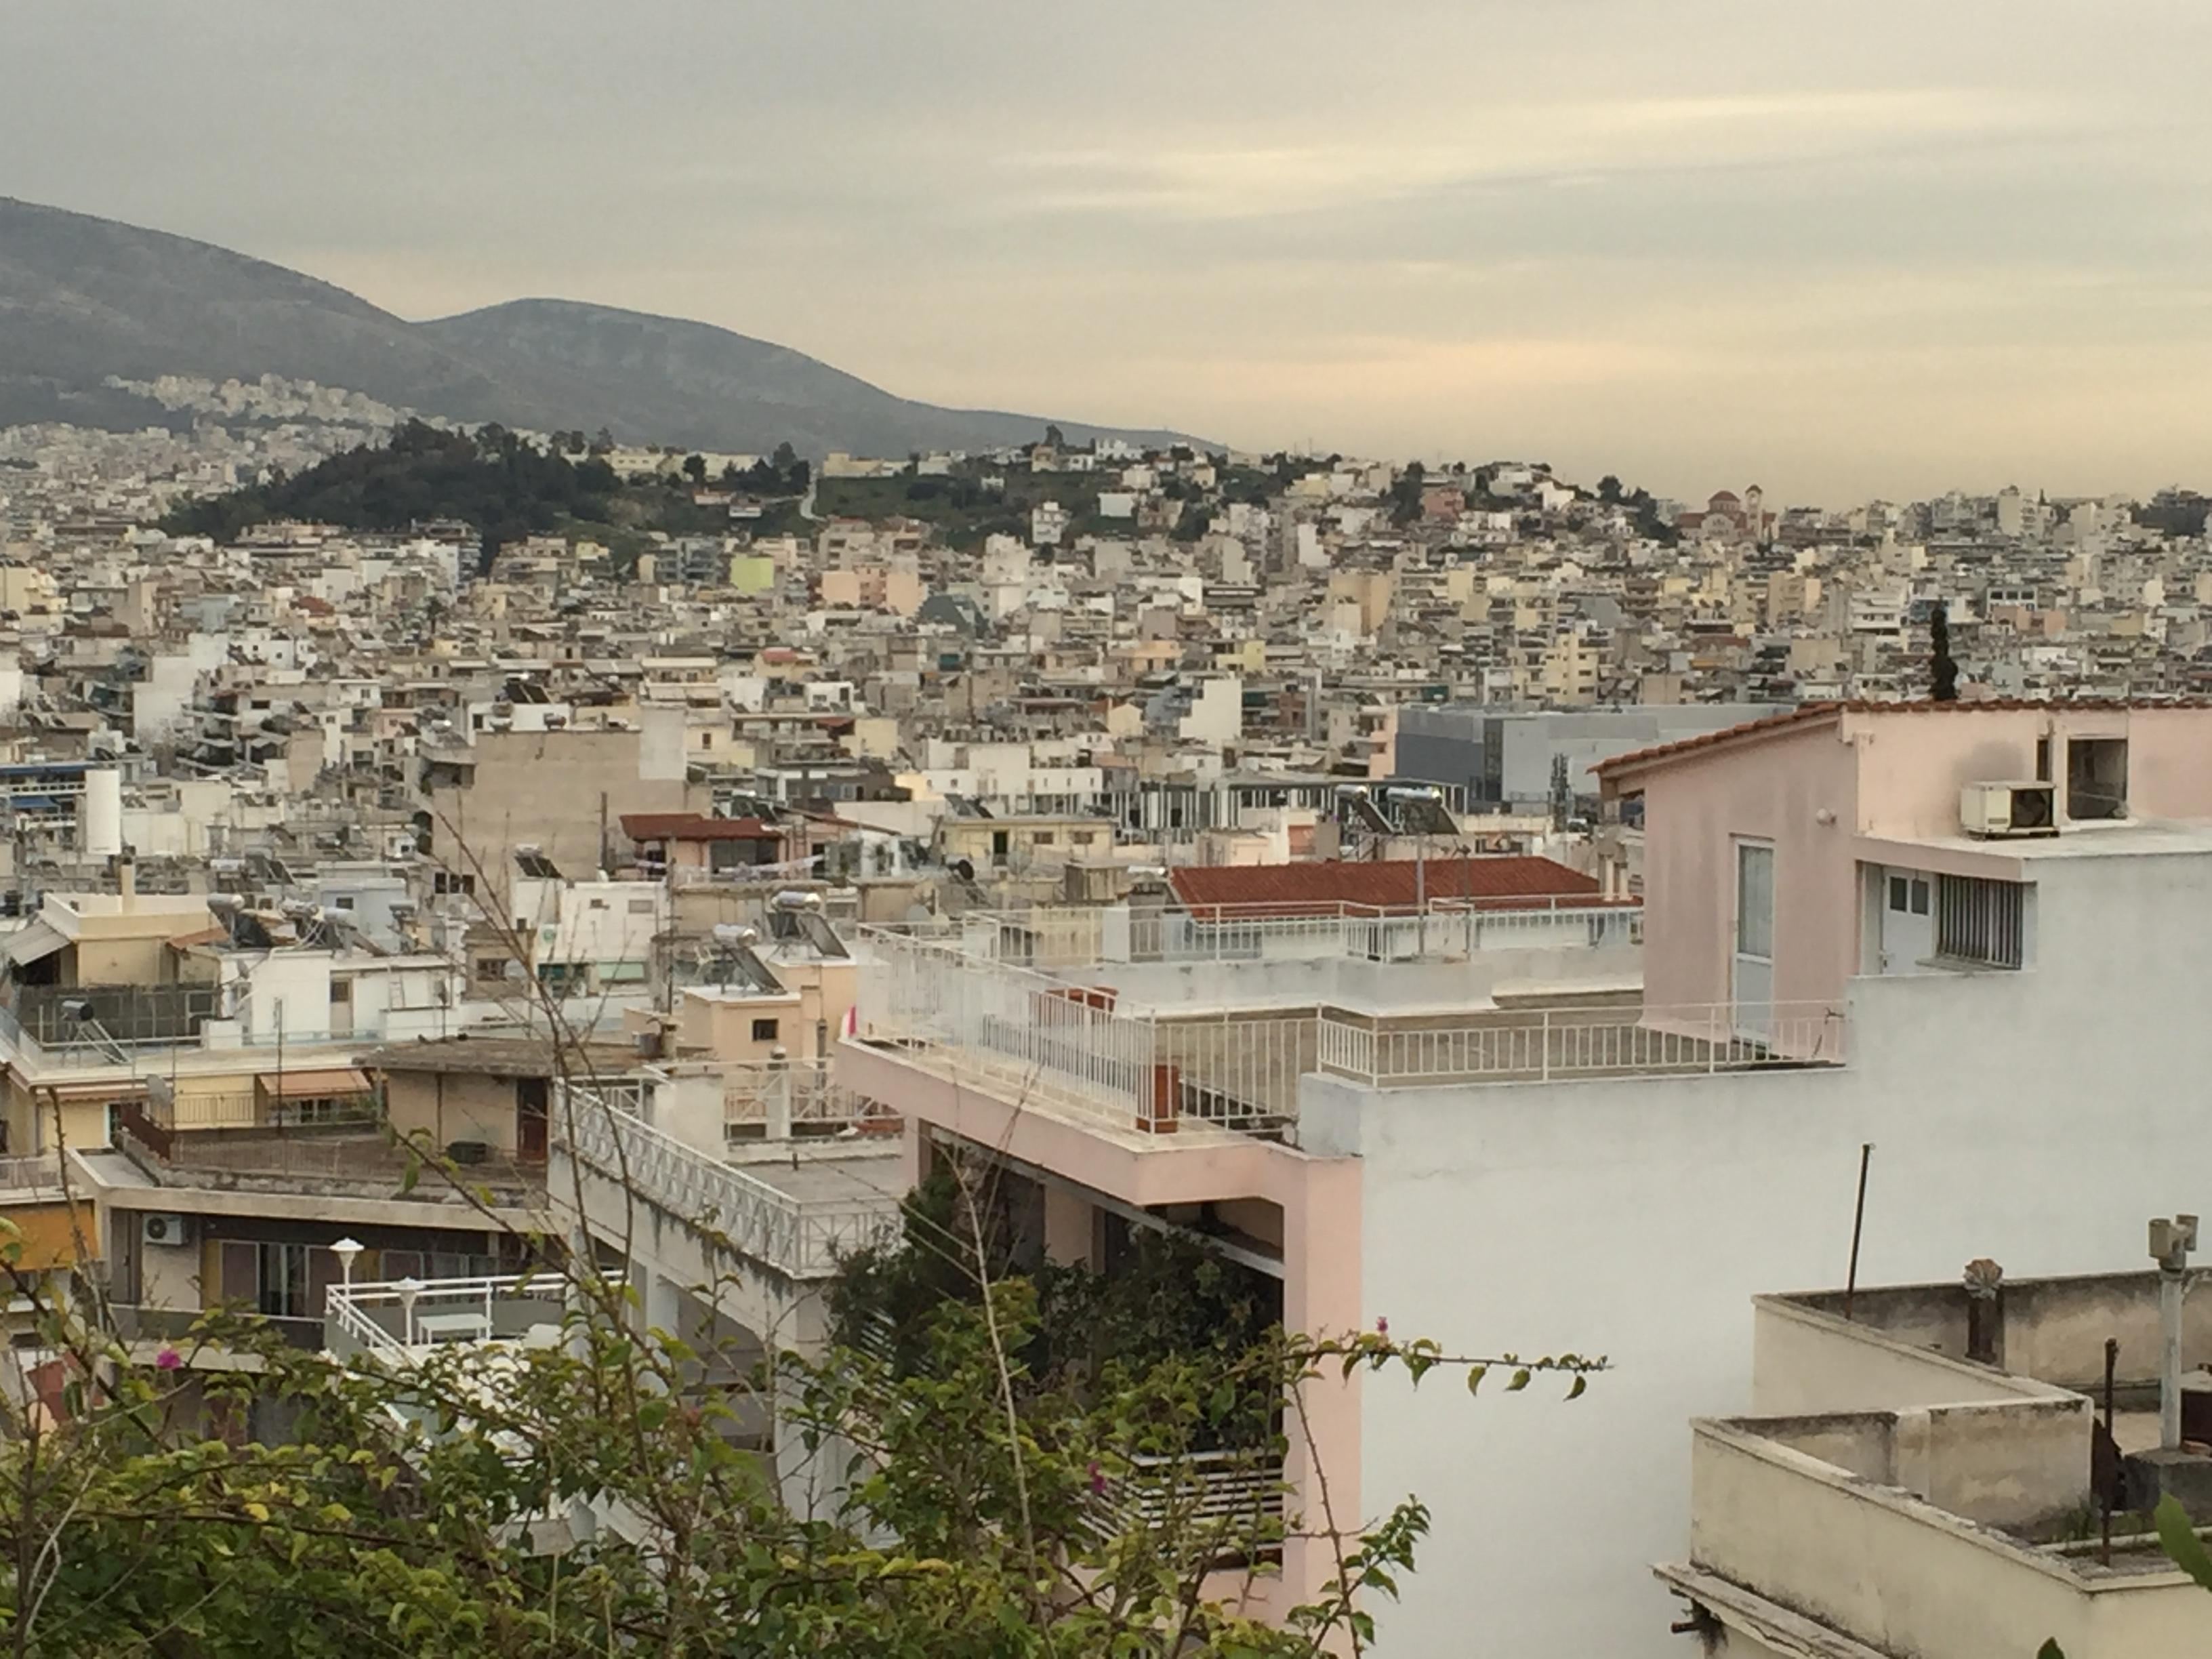 Befinner mig just nu som stipendiat i Ariane Wahlgrens hus i Aten. Så vad passar bättre som månadens bild än den vackra kvällsvyn från terrassen?